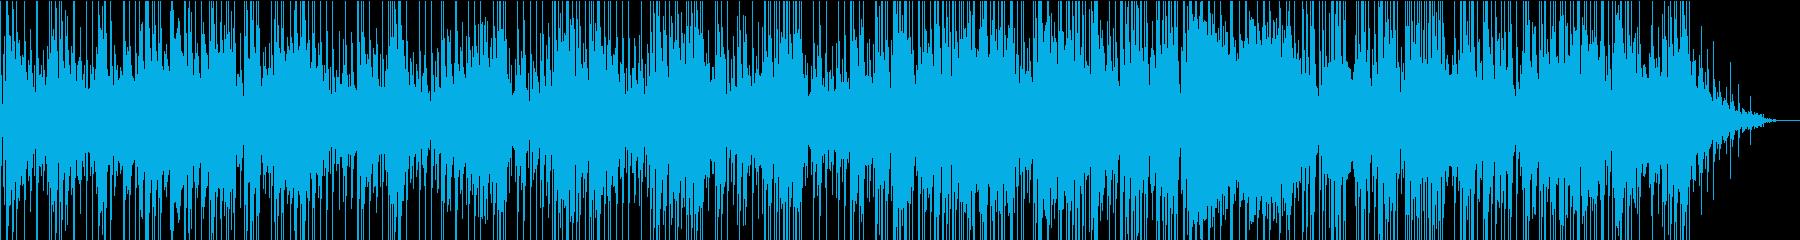 哀愁のあるブルースの再生済みの波形